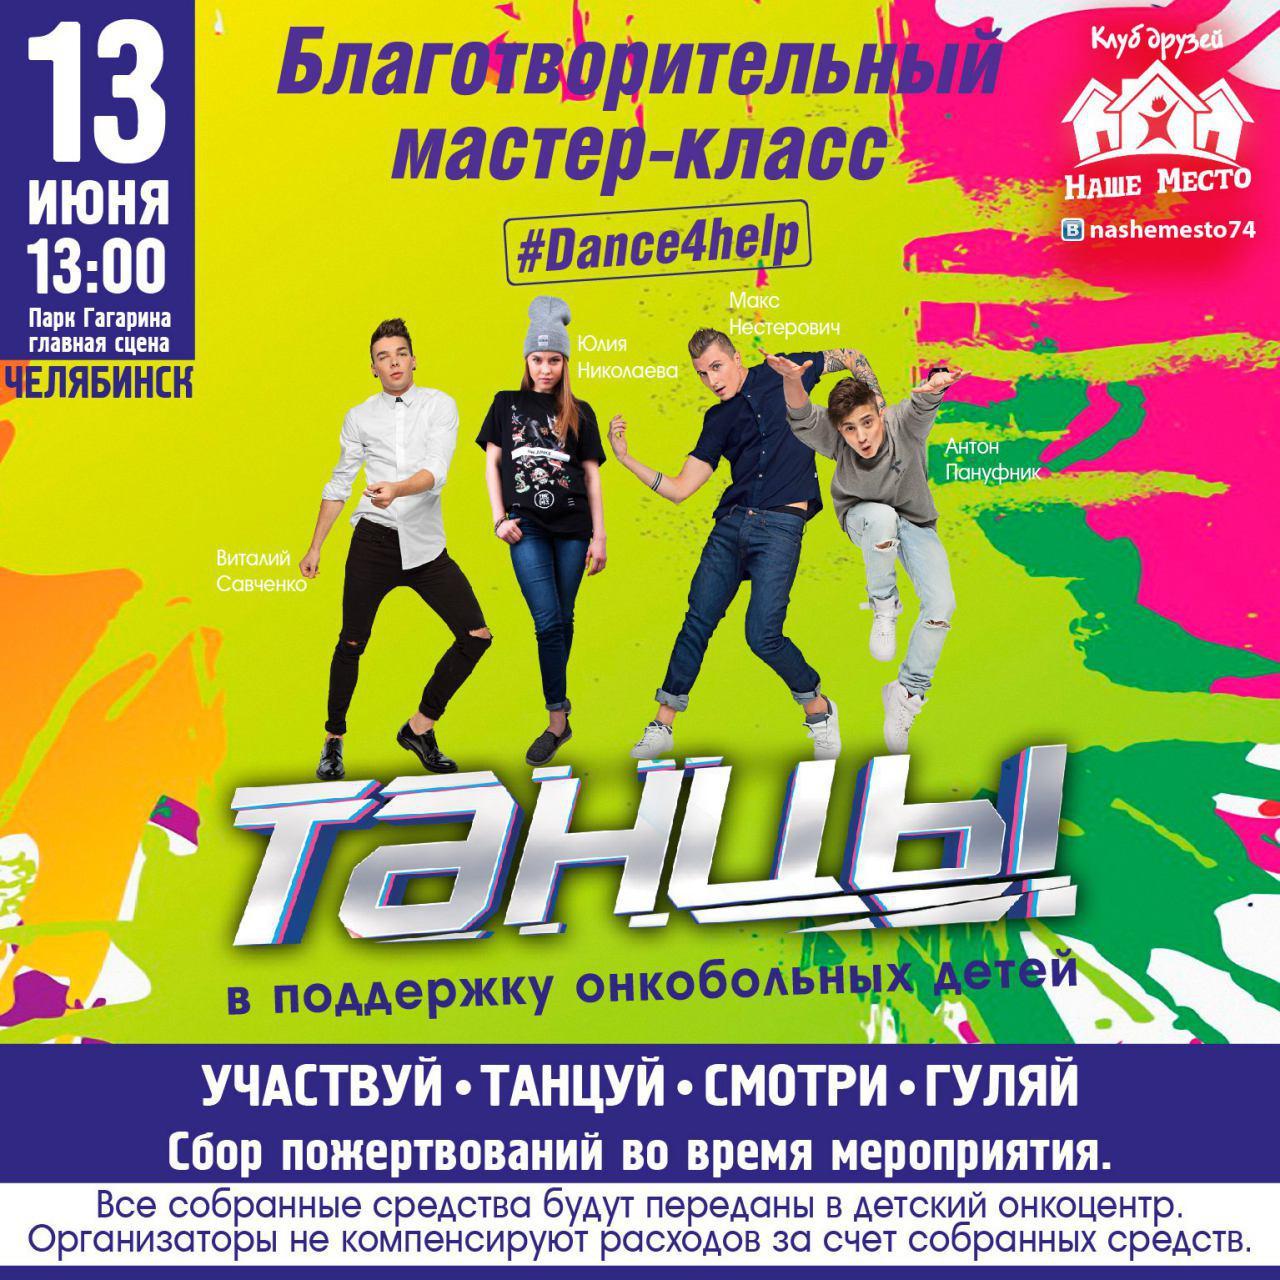 Клуб «Наше место» для молодежи с инвалидностью выступил организатором благотворительной танцеваль